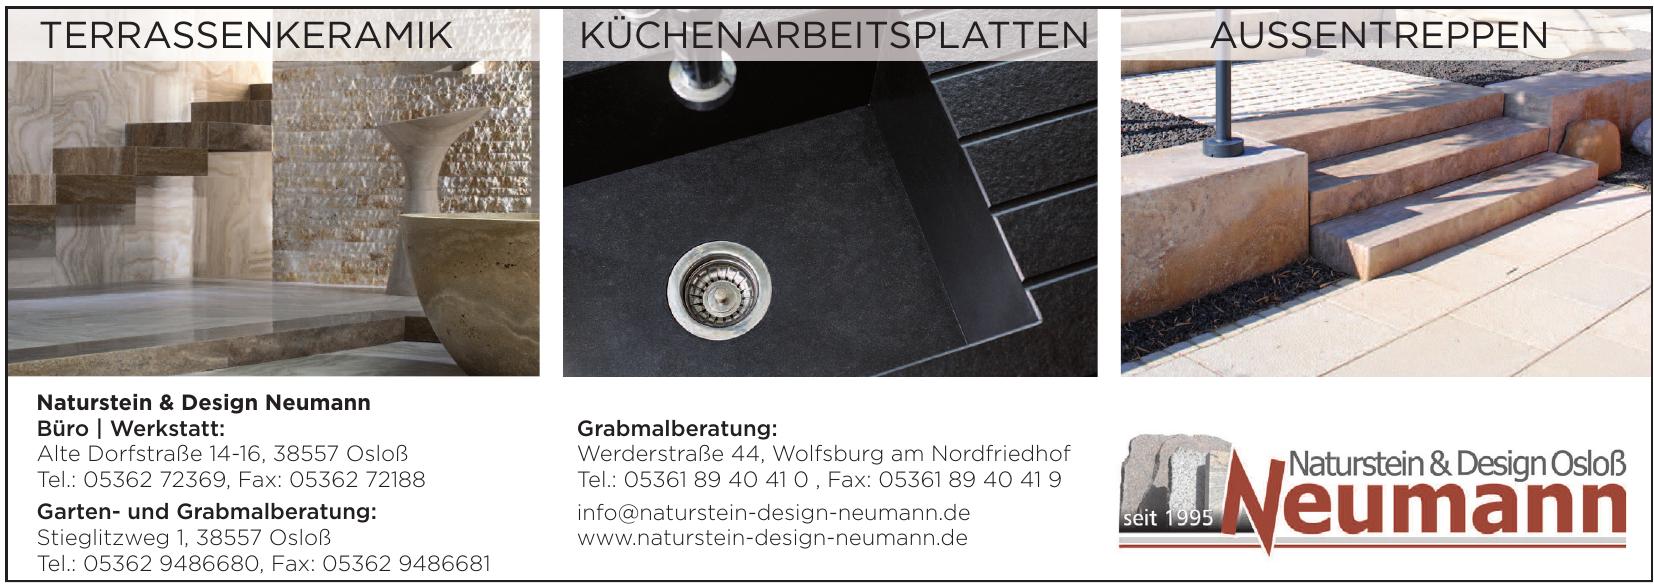 Naturstein & Design Neumann